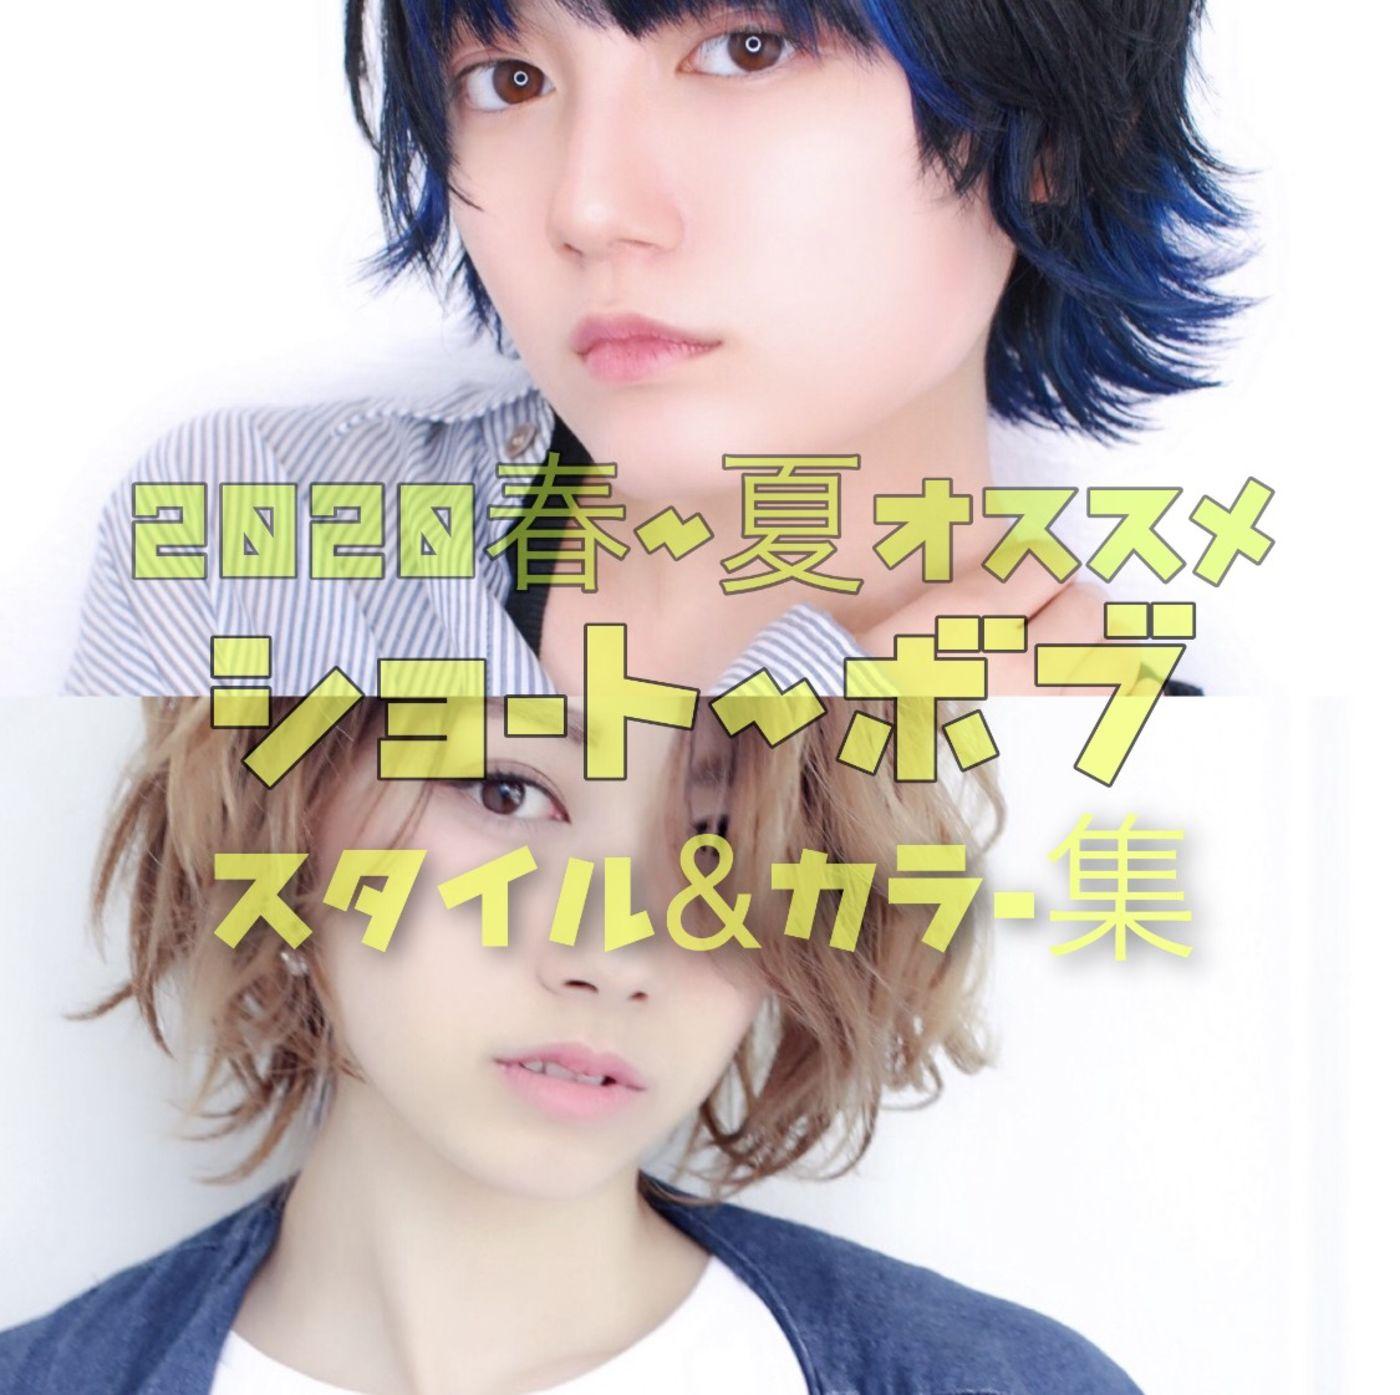 2020年最新版!!この春〜夏にオススメのヘアスタイル&カラー特集